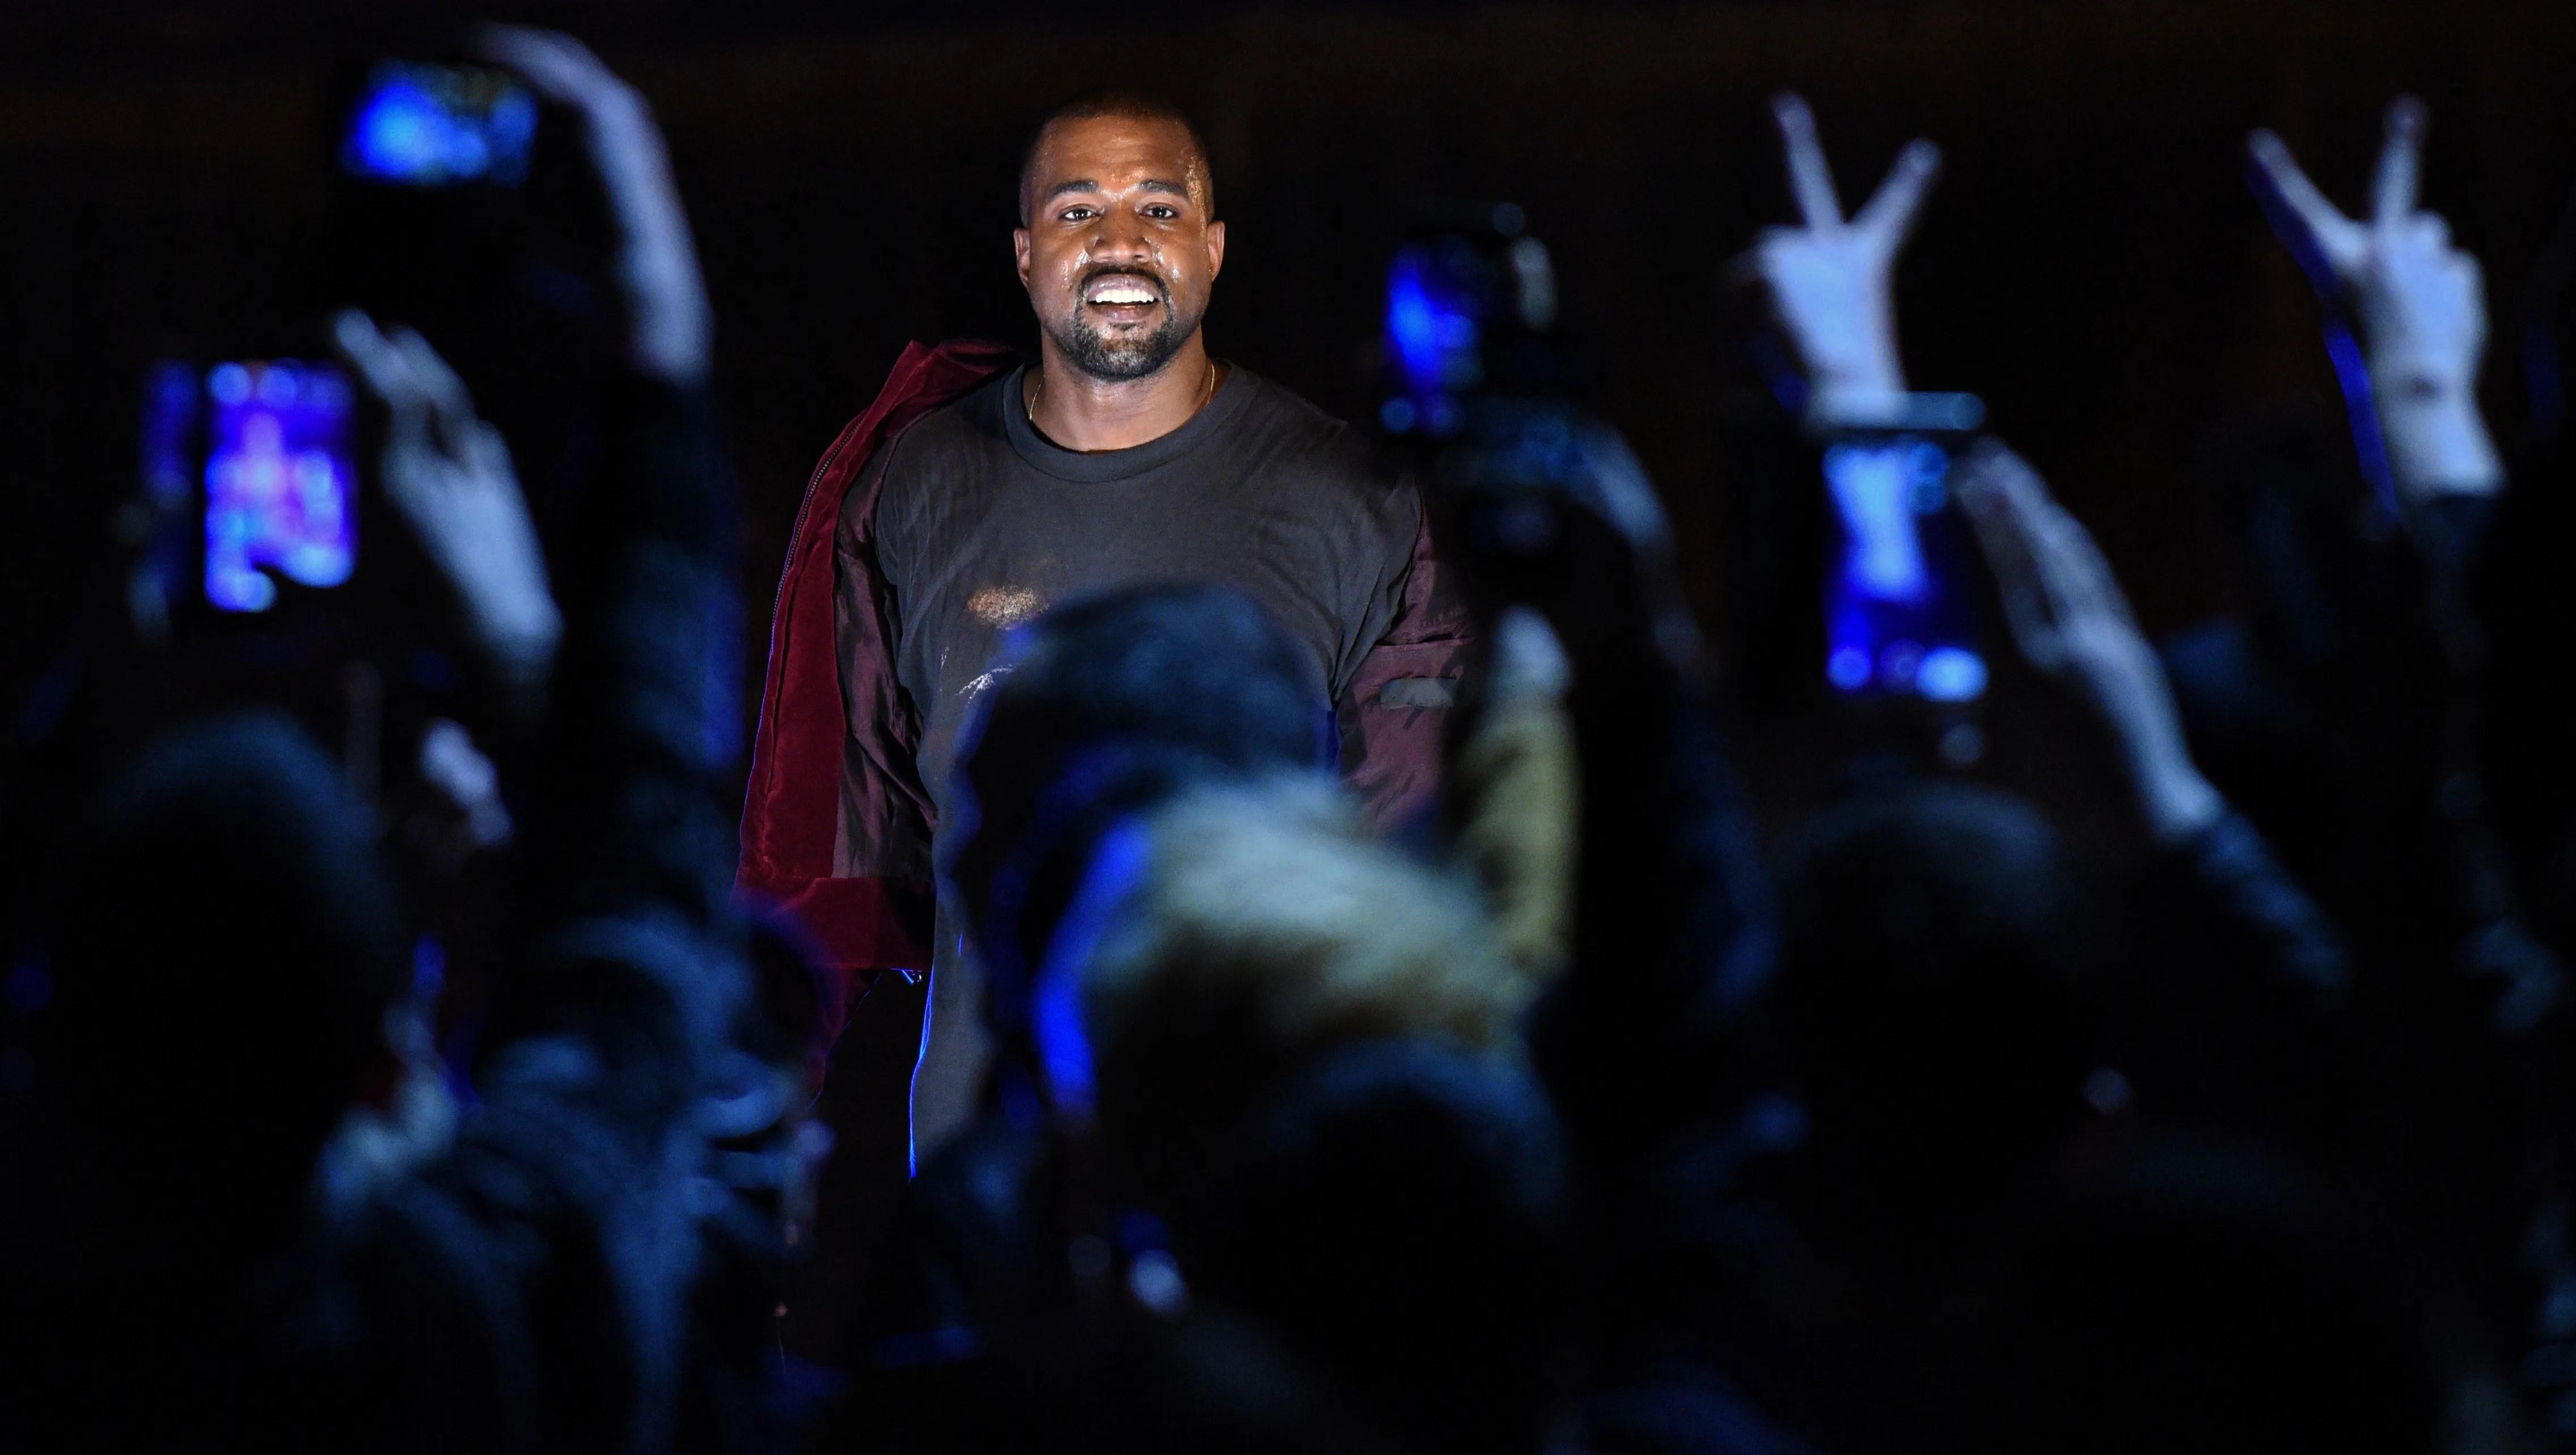 Pablo Life of Kanye West Album